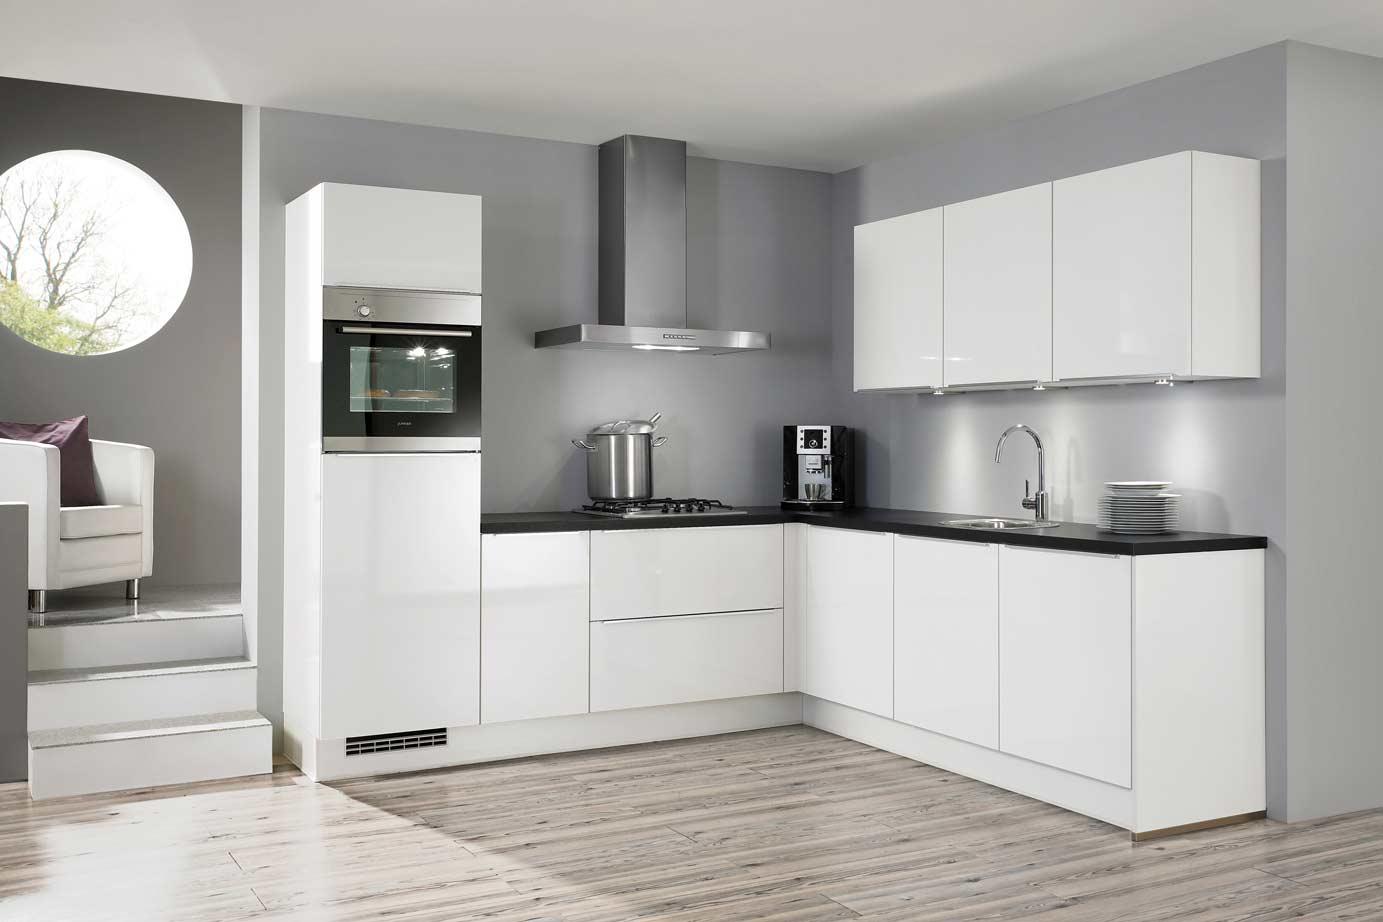 Goedkope Keuken Handgrepen : Goedkope keukens Bij ons is goedkoop geen duurkoop